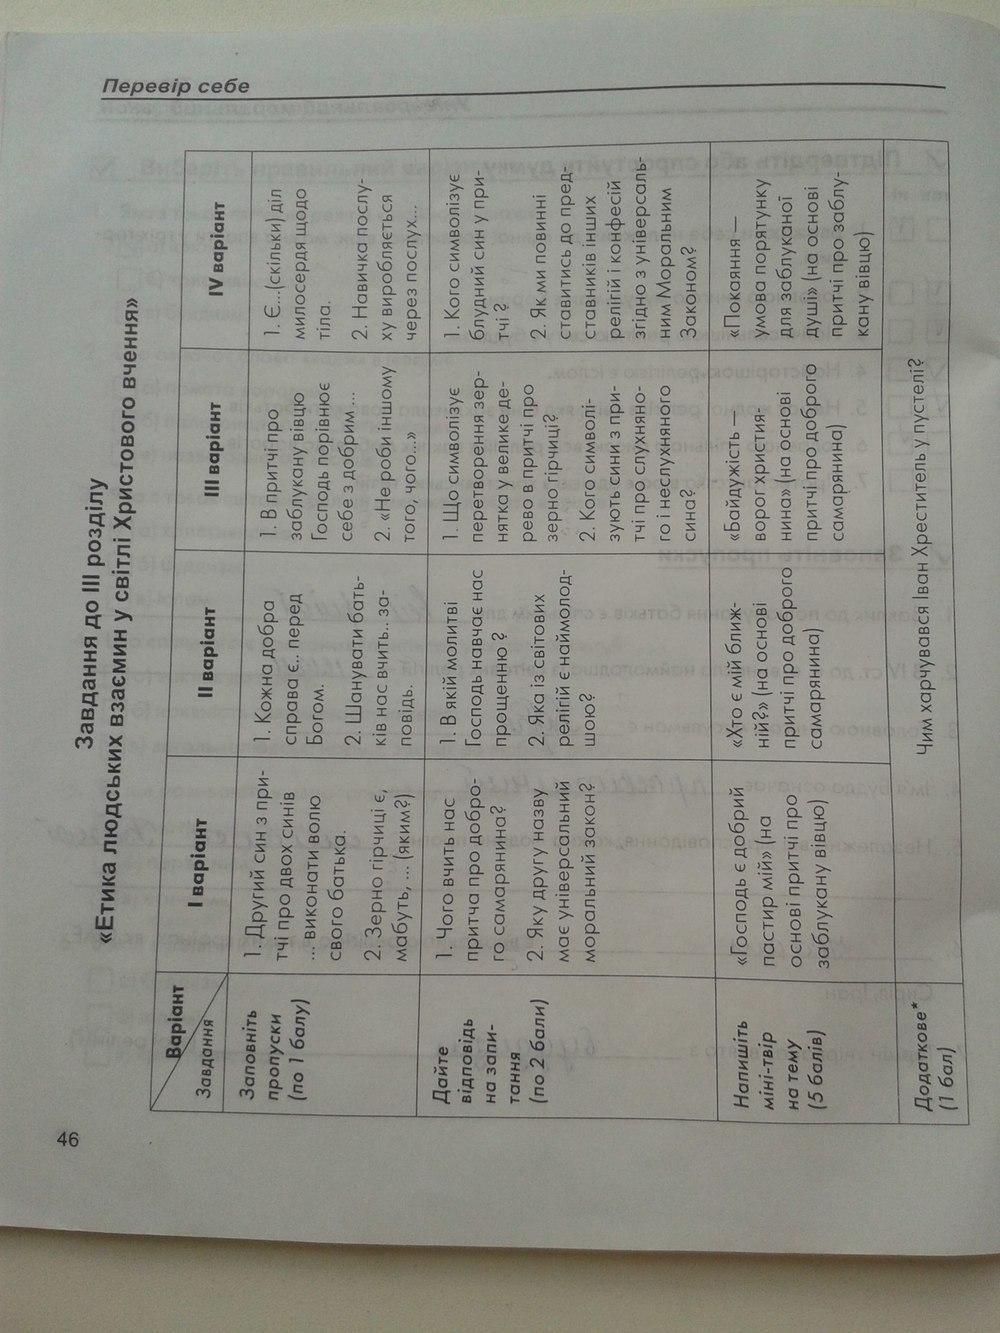 ГДЗ відповіді робочий зошит по этике 6 класс Г.О. Кізілова. Задание: стр. 46